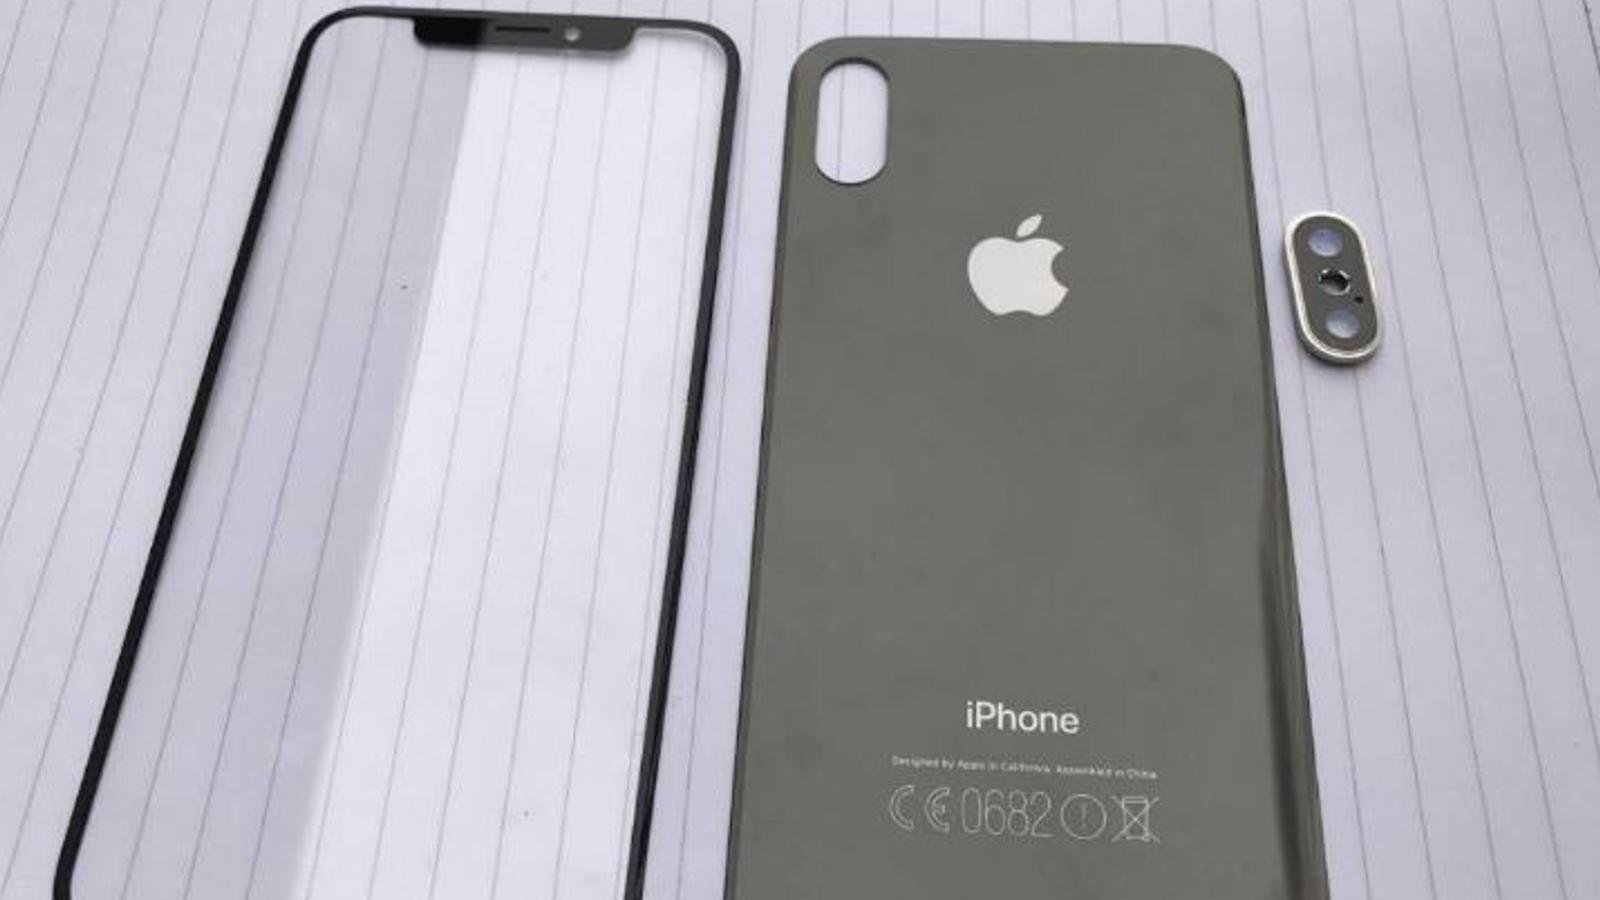 Angebliche Bauteile vorne und hinten des iPhone 8